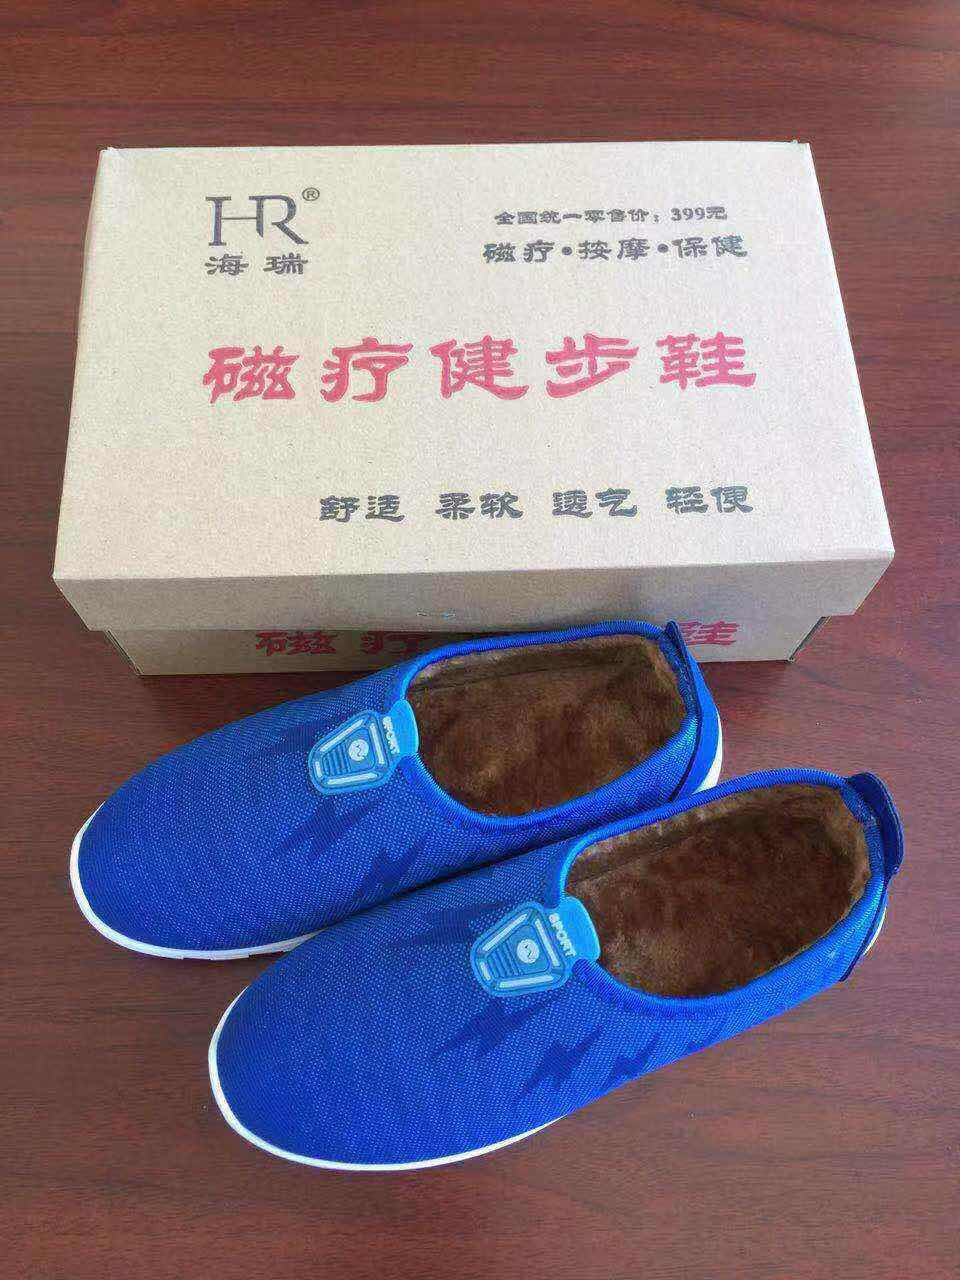 秋冬季磁疗健步鞋带绒 老人冬季保暖鞋 软底轻便休闲鞋 跑江湖产品